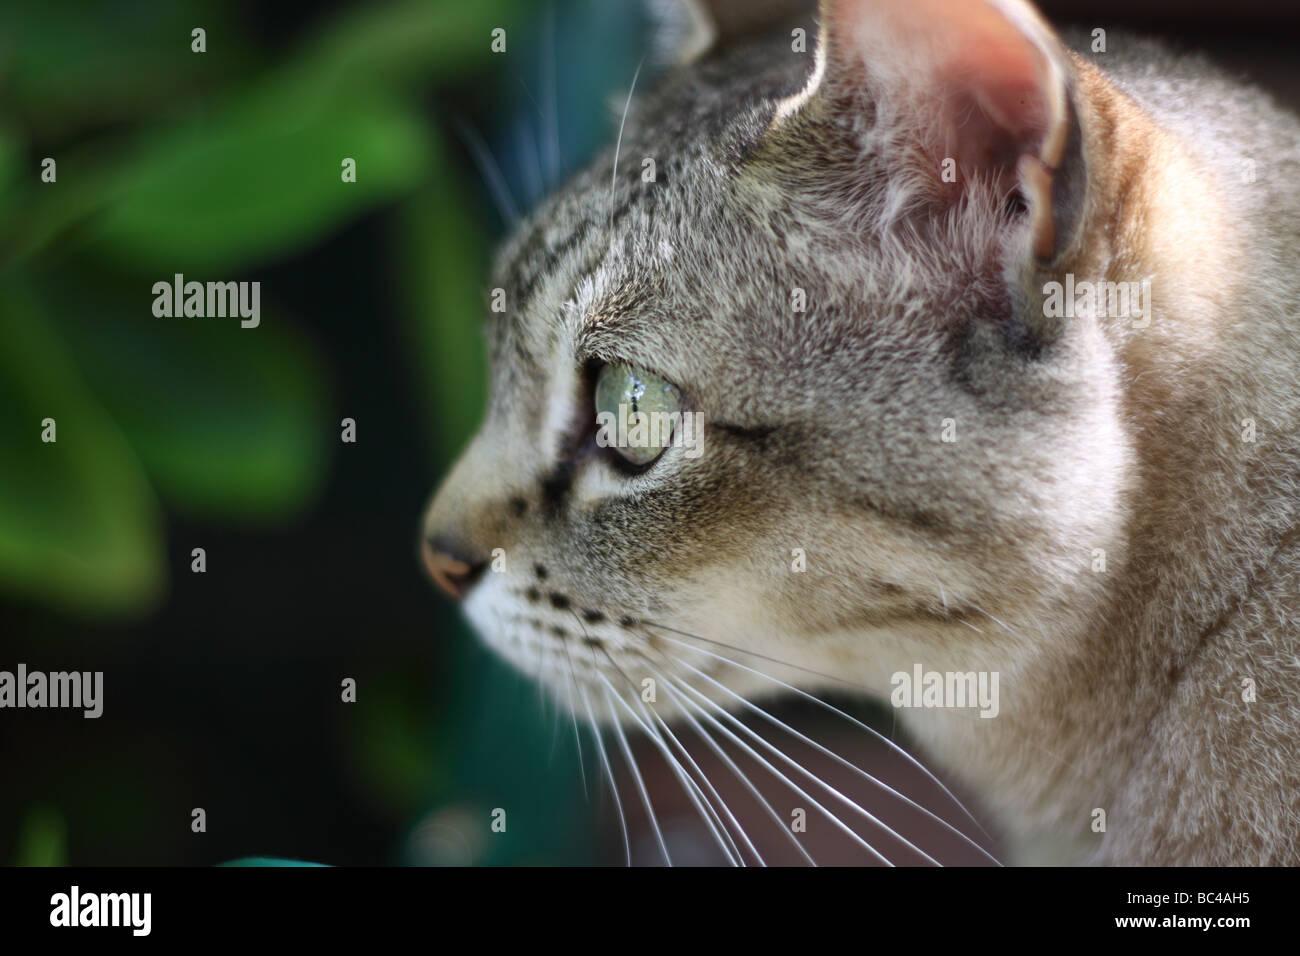 gratuit asiatique adolescent chatte ébène chatte coups